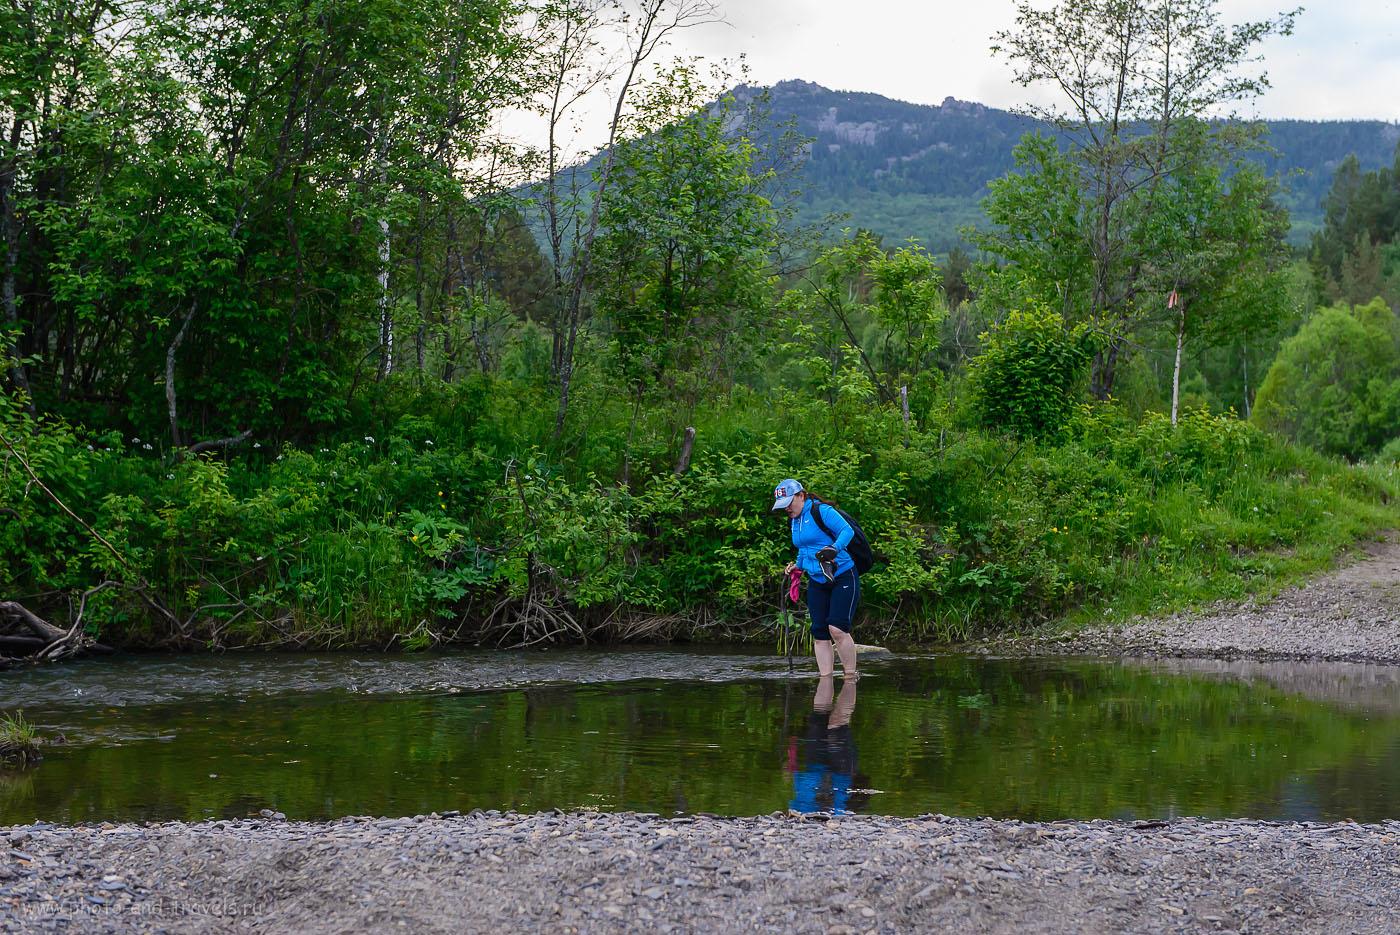 10. Фото снято уже на обратном пути, когда мы возвращались с горы Малиновой и снова нужно было перейти реку Нура вброд. На заднем плане - вершина, где мы снимали фотографии два часа тому назад. (2500, 60, 5.0, 1/200, объективNikkor 24-70, зеркалкаNikonD610)